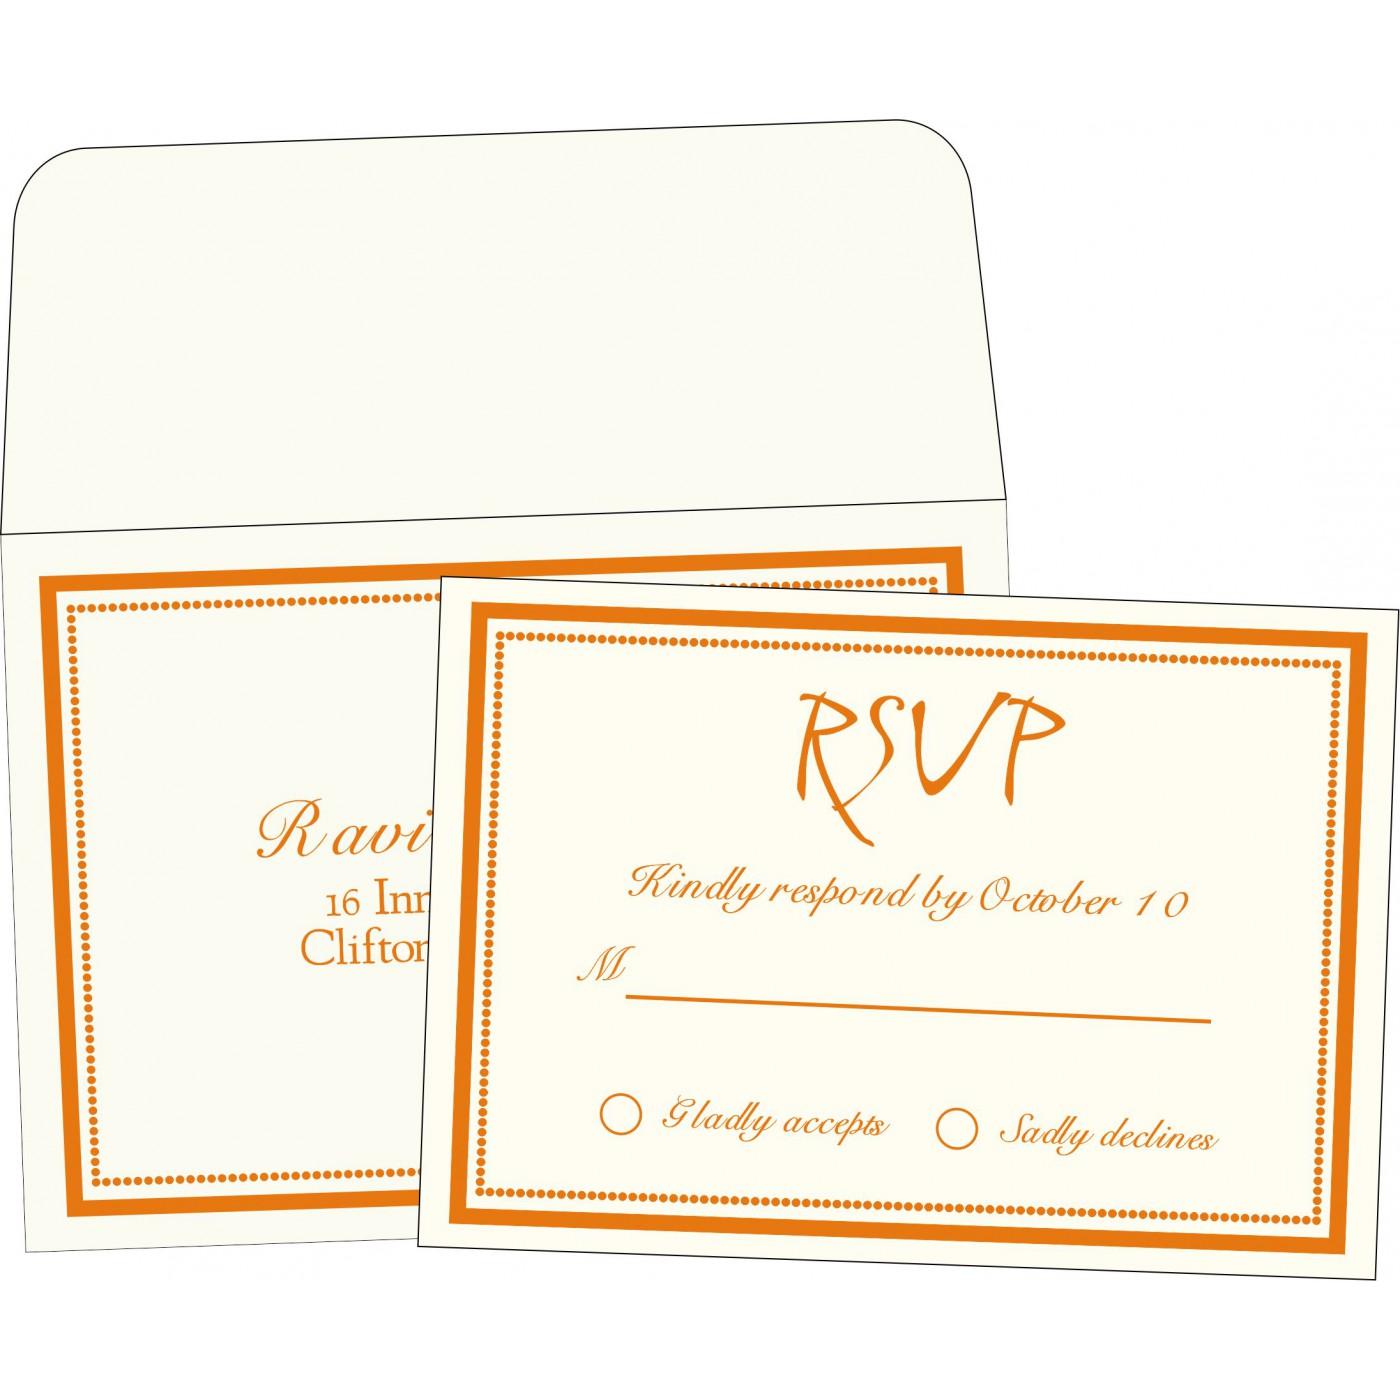 RSVP Cards - RSVP-1183